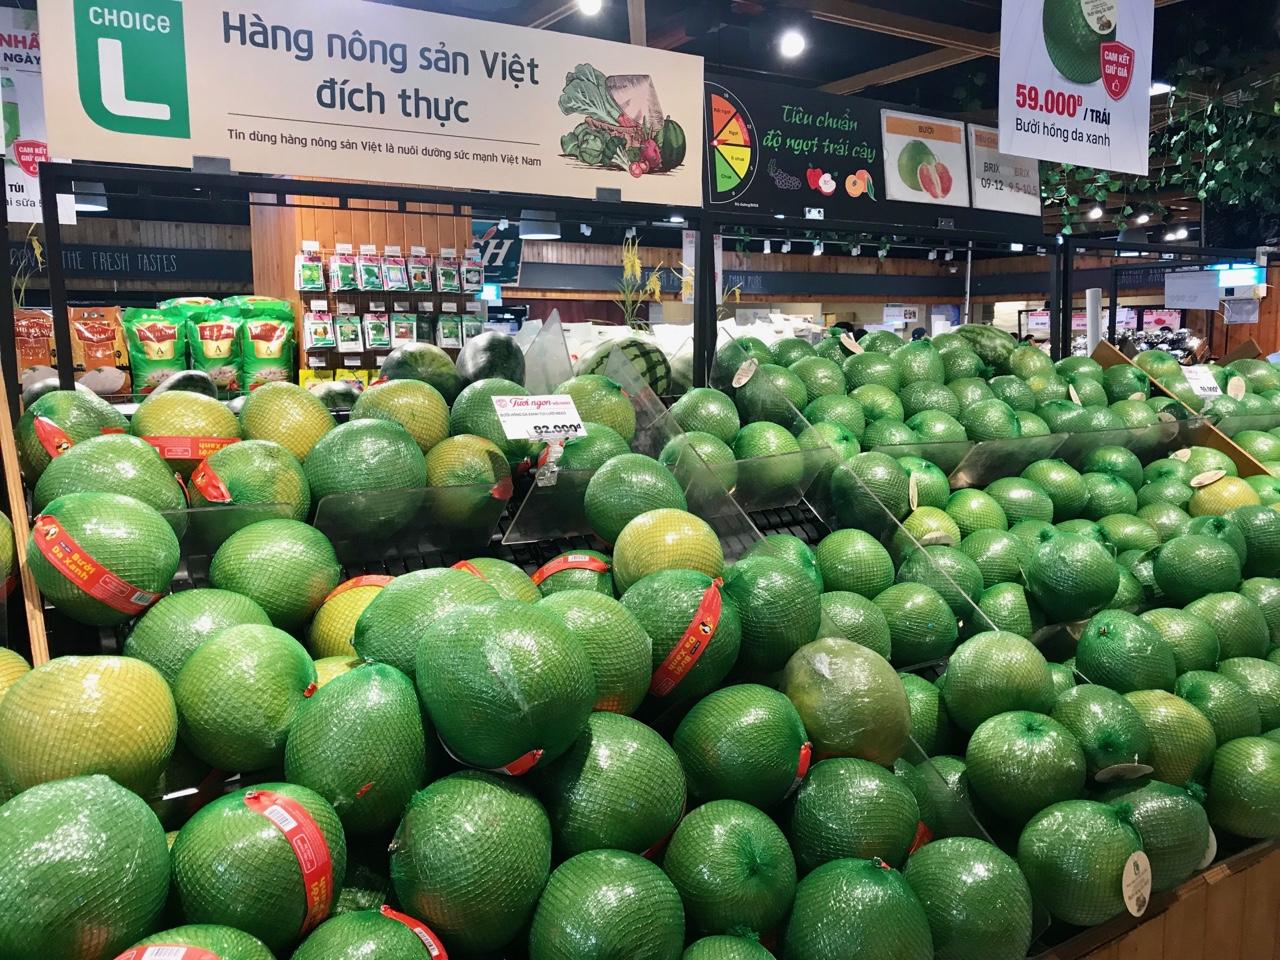 Rau quả xuất khẩu thu về gần 1,8 tỉ USD trong nửa đầu năm, bật tăng tại nhiều thị trường - Ảnh 1.